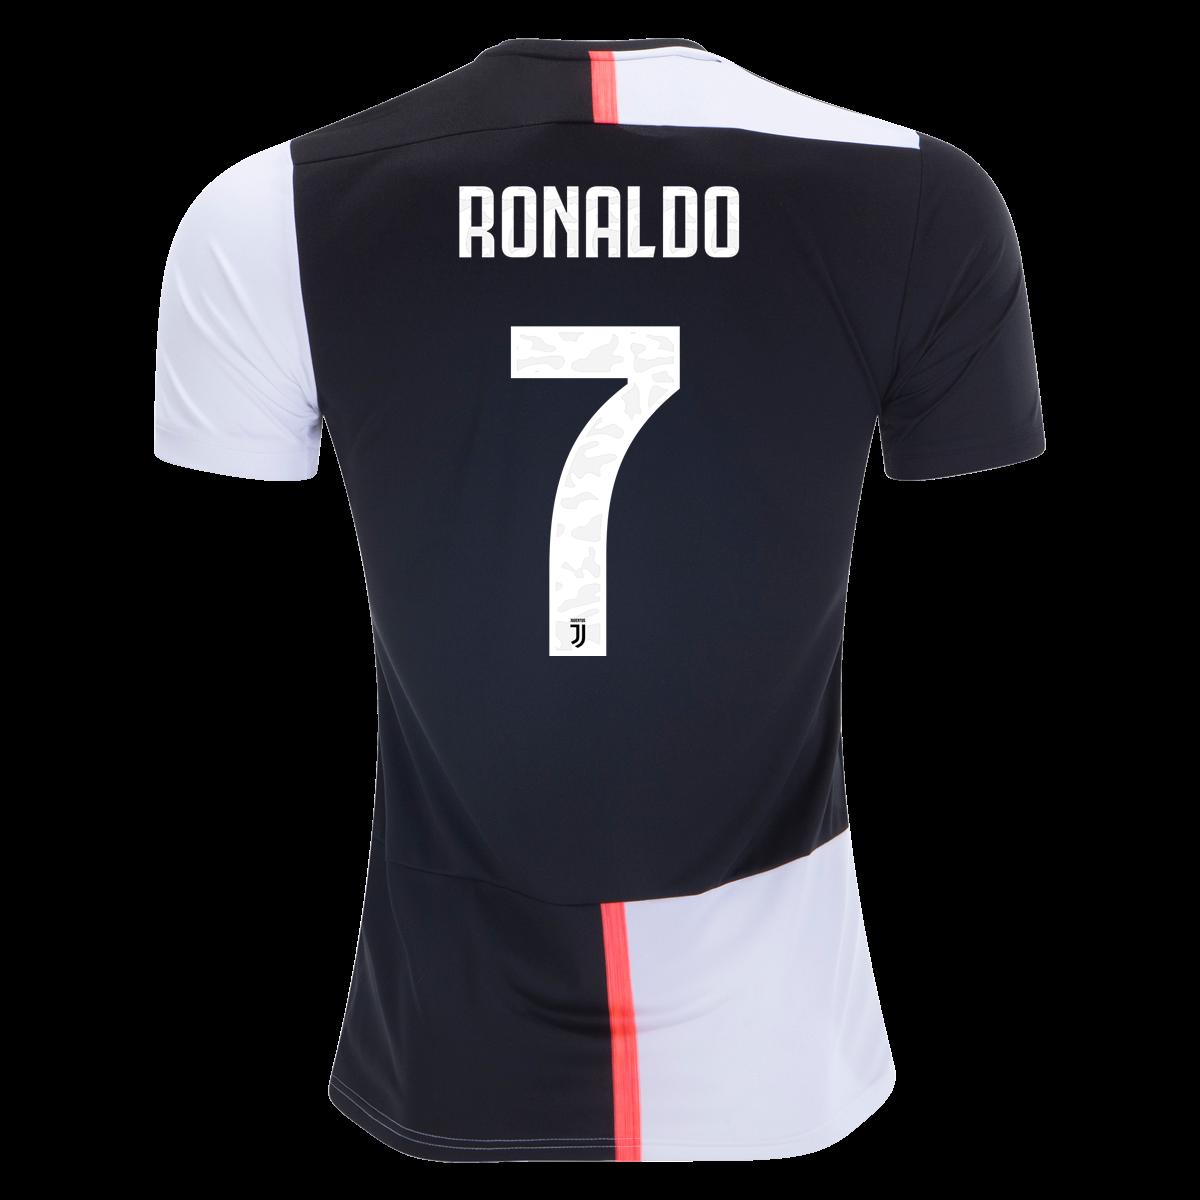 adidas cristiano ronaldo juventus home jersey 19 20 3xl cristiano ronaldo juventus ronaldo cristiano ronaldo adidas cristiano ronaldo juventus home